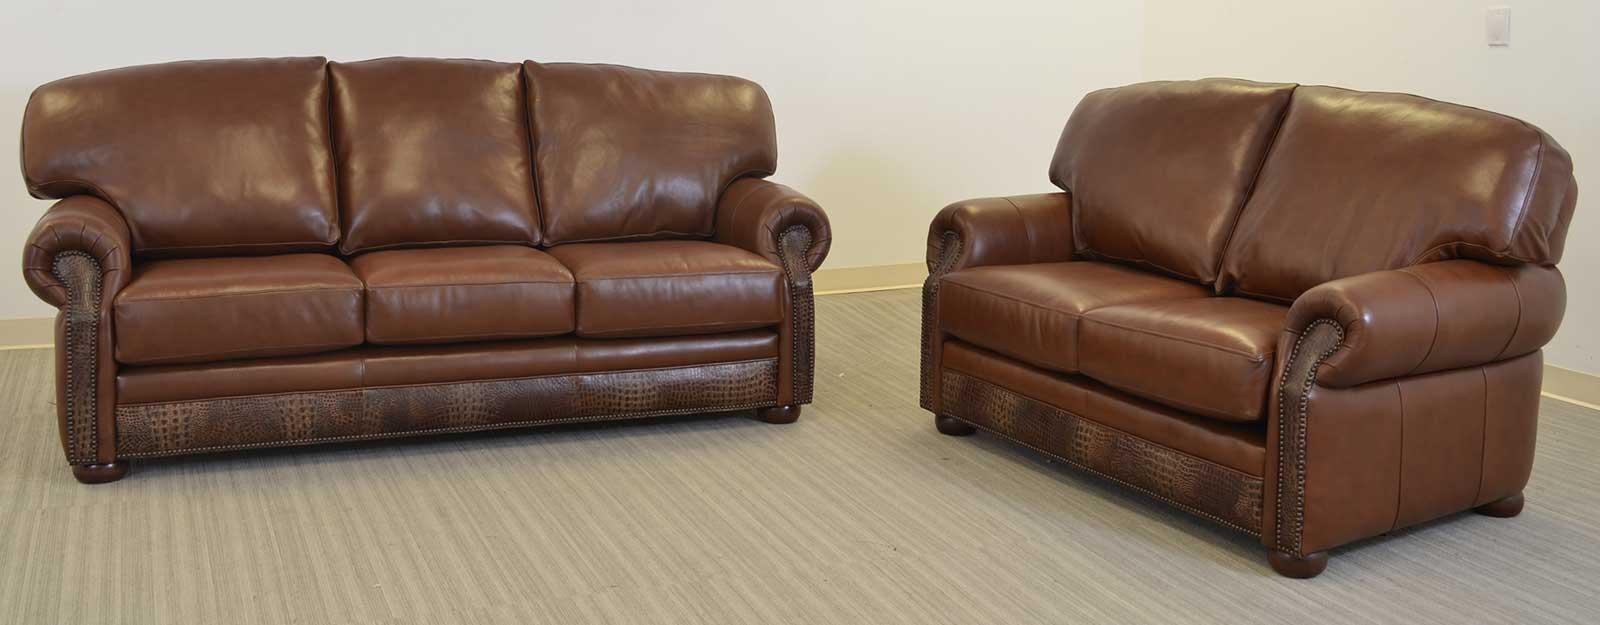 Chicago Sofa ‹‹ The Leather Sofa Company